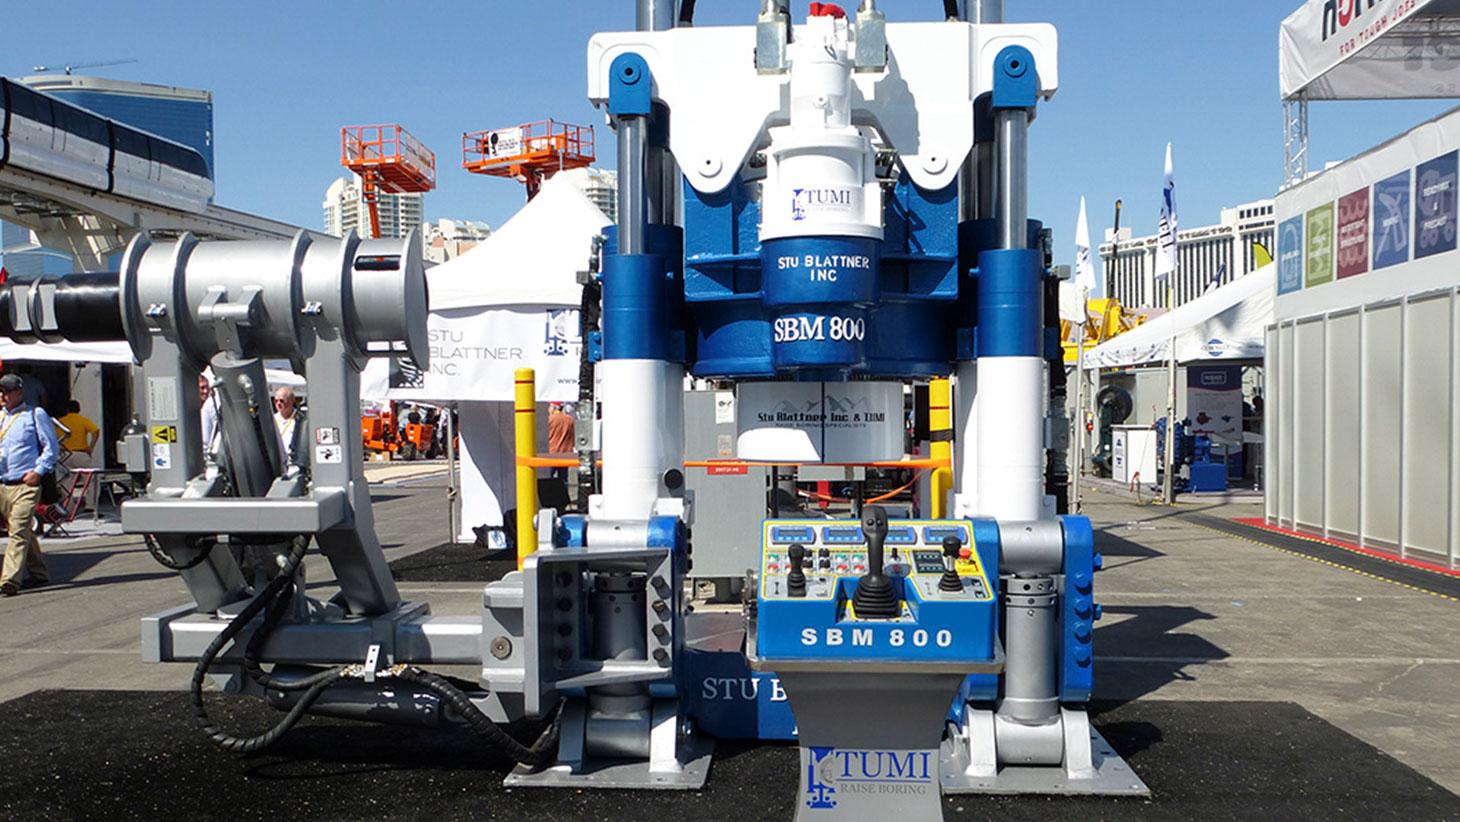 Indústria de mineração TUMI utiliza ANSYS para fabricação de protótipos